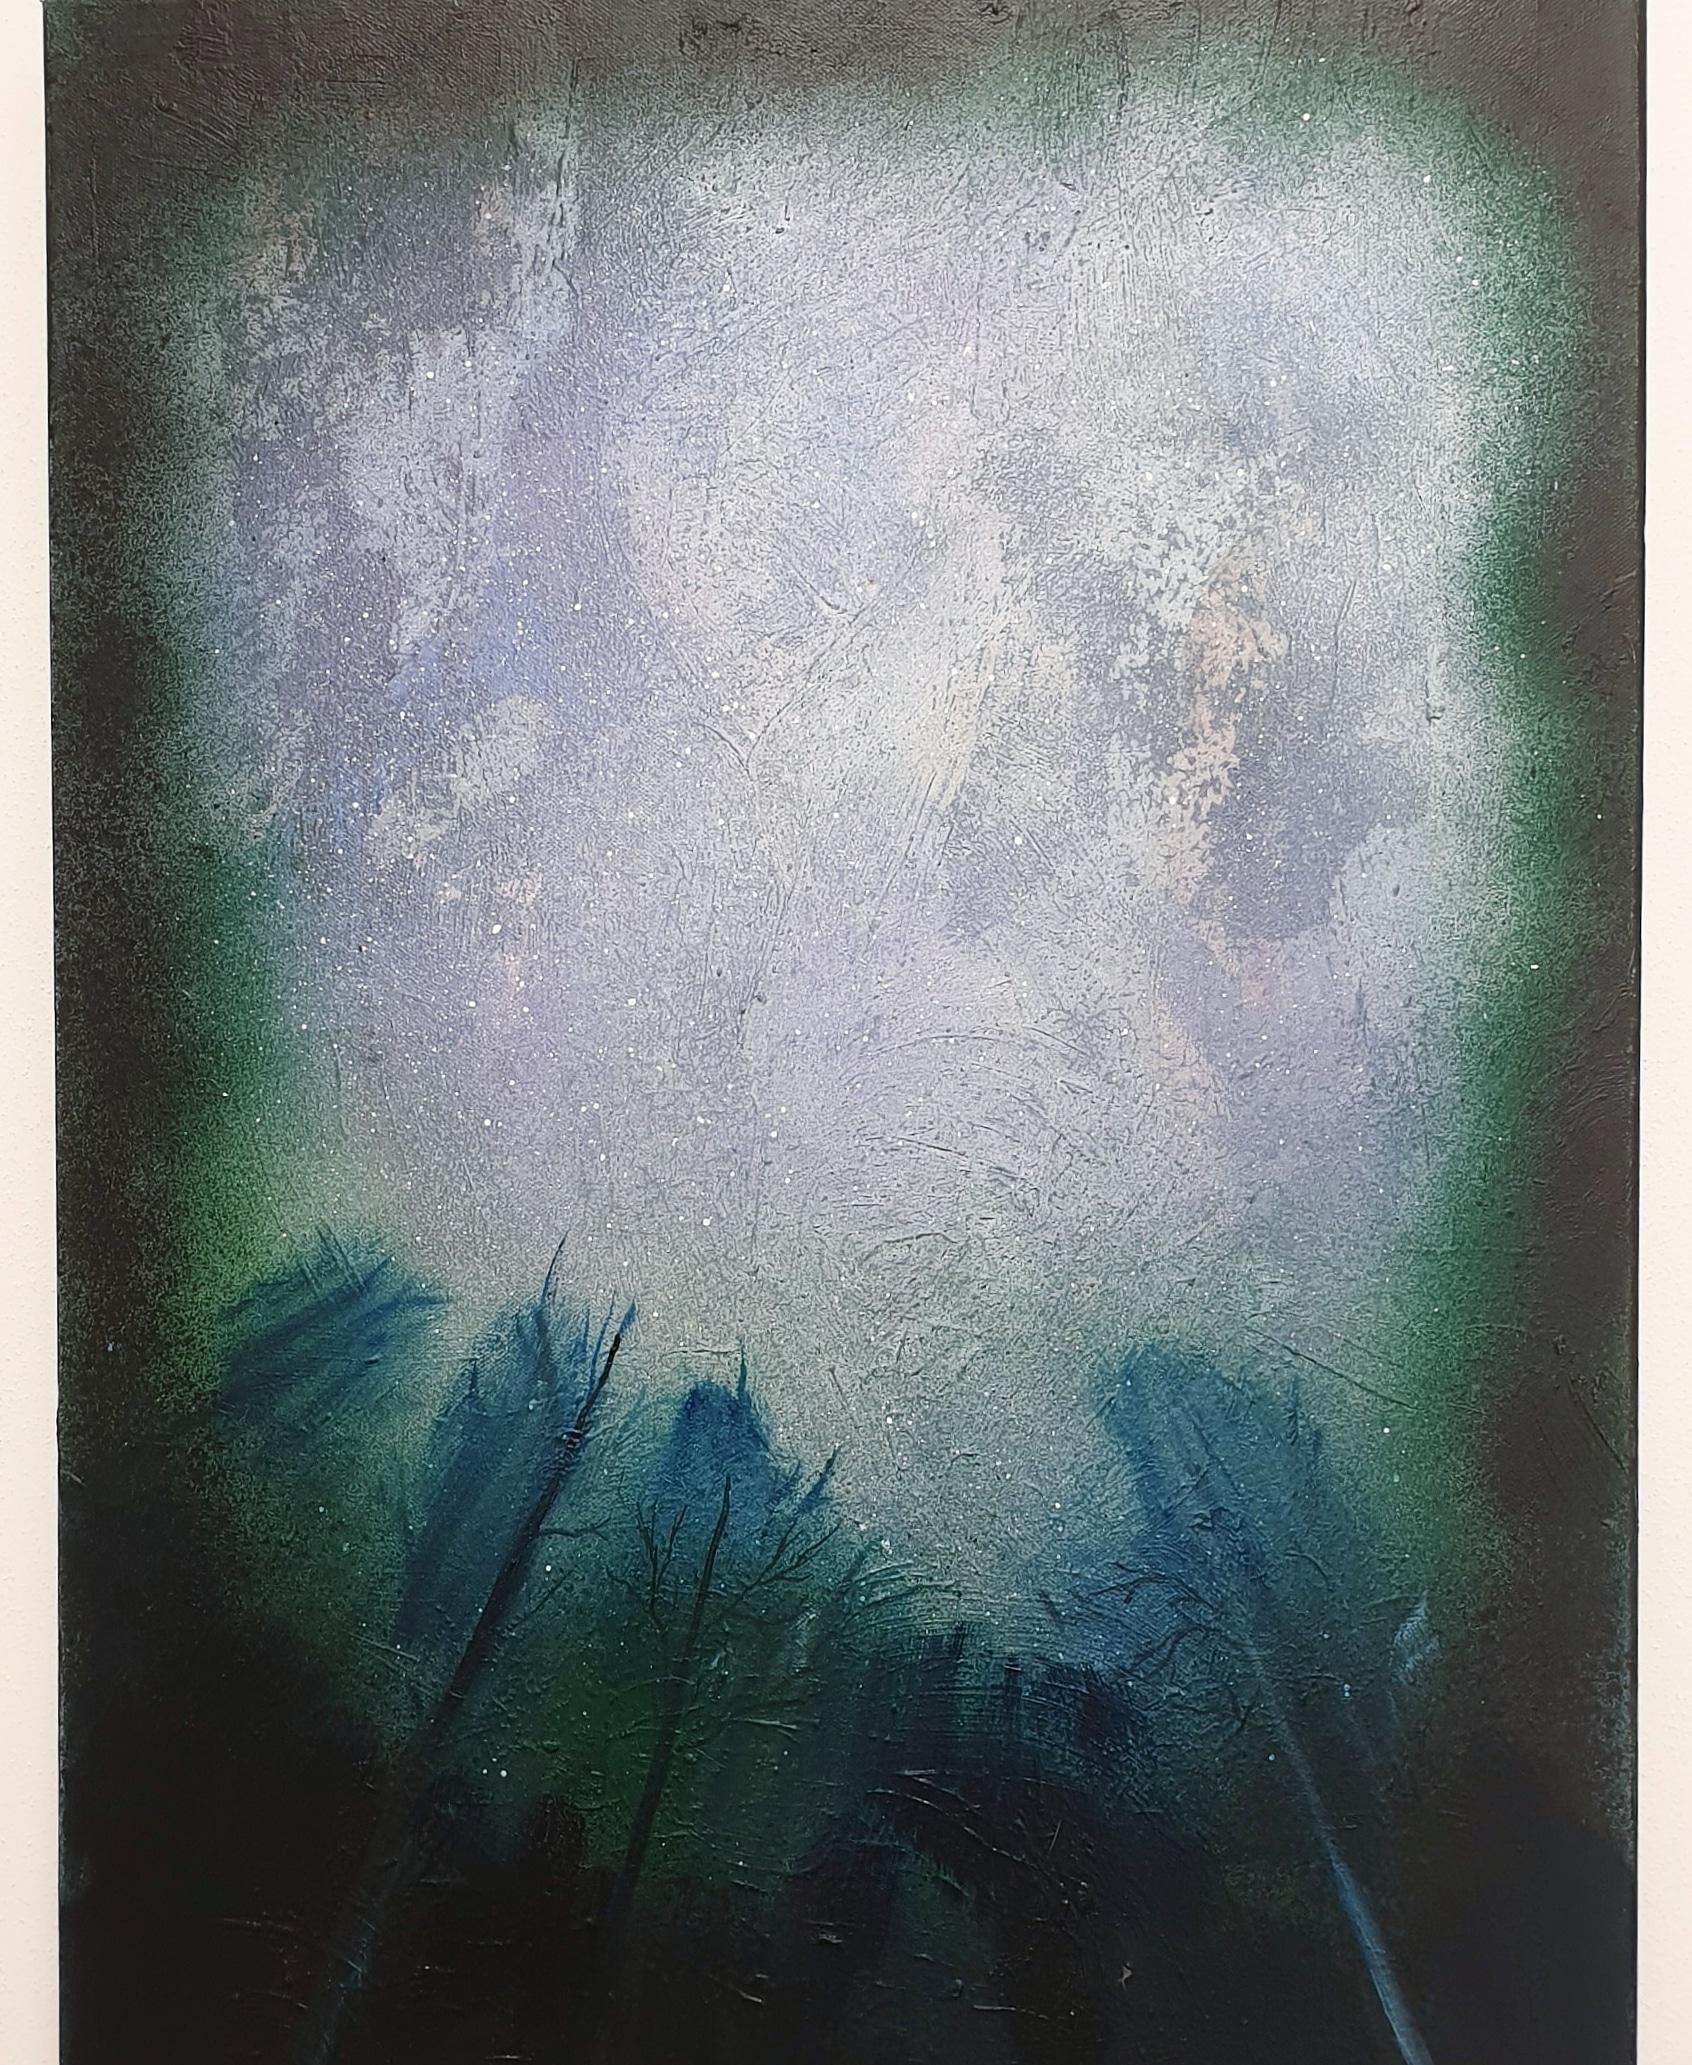 Miško akis / 50x70